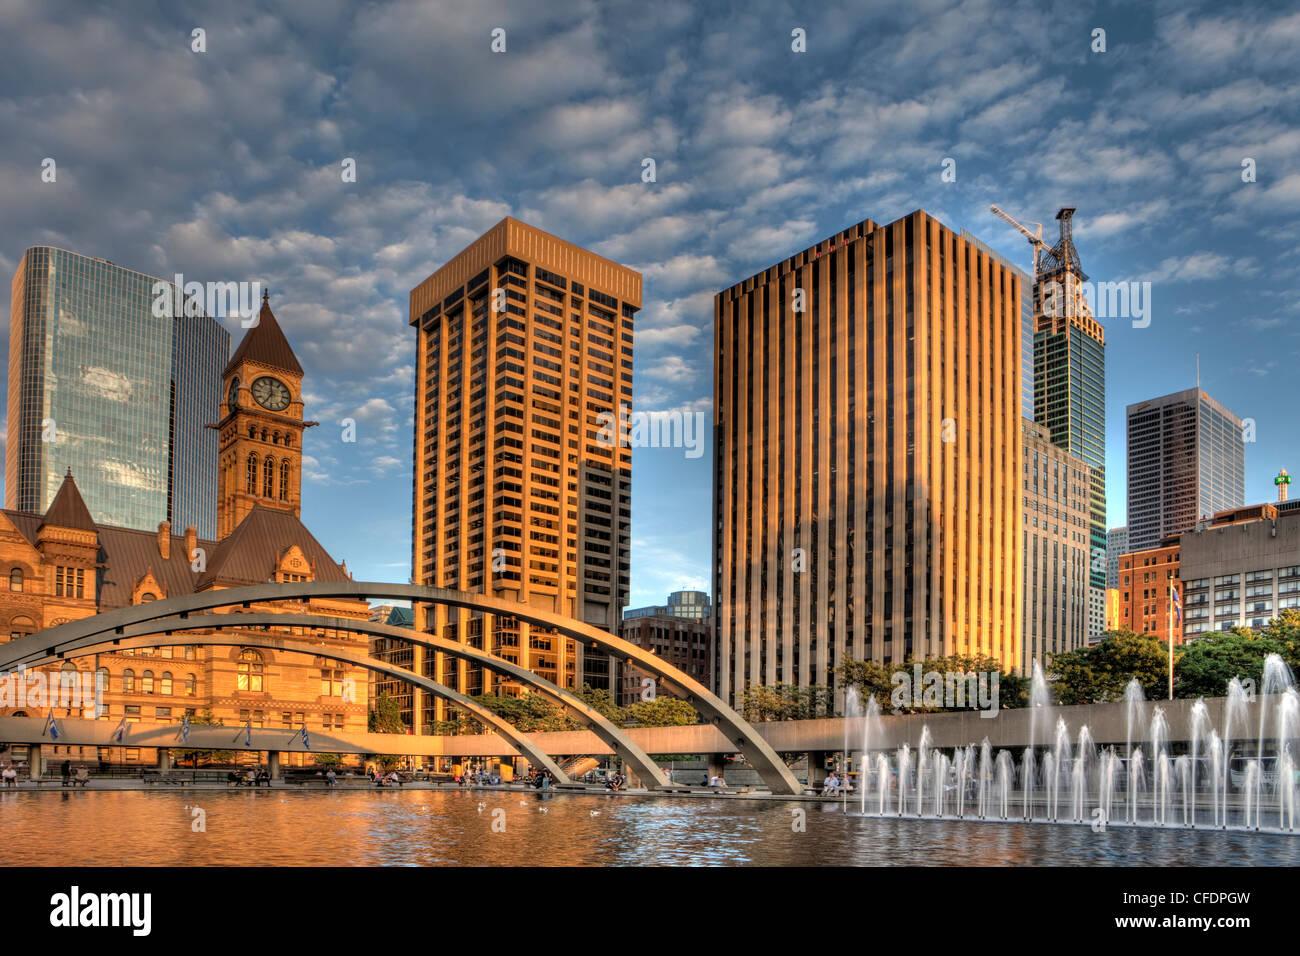 Abend, altes Rathaus und Rathaus-Pool, die Innenstadt von Toronto, Ontario, Kanada Stockbild